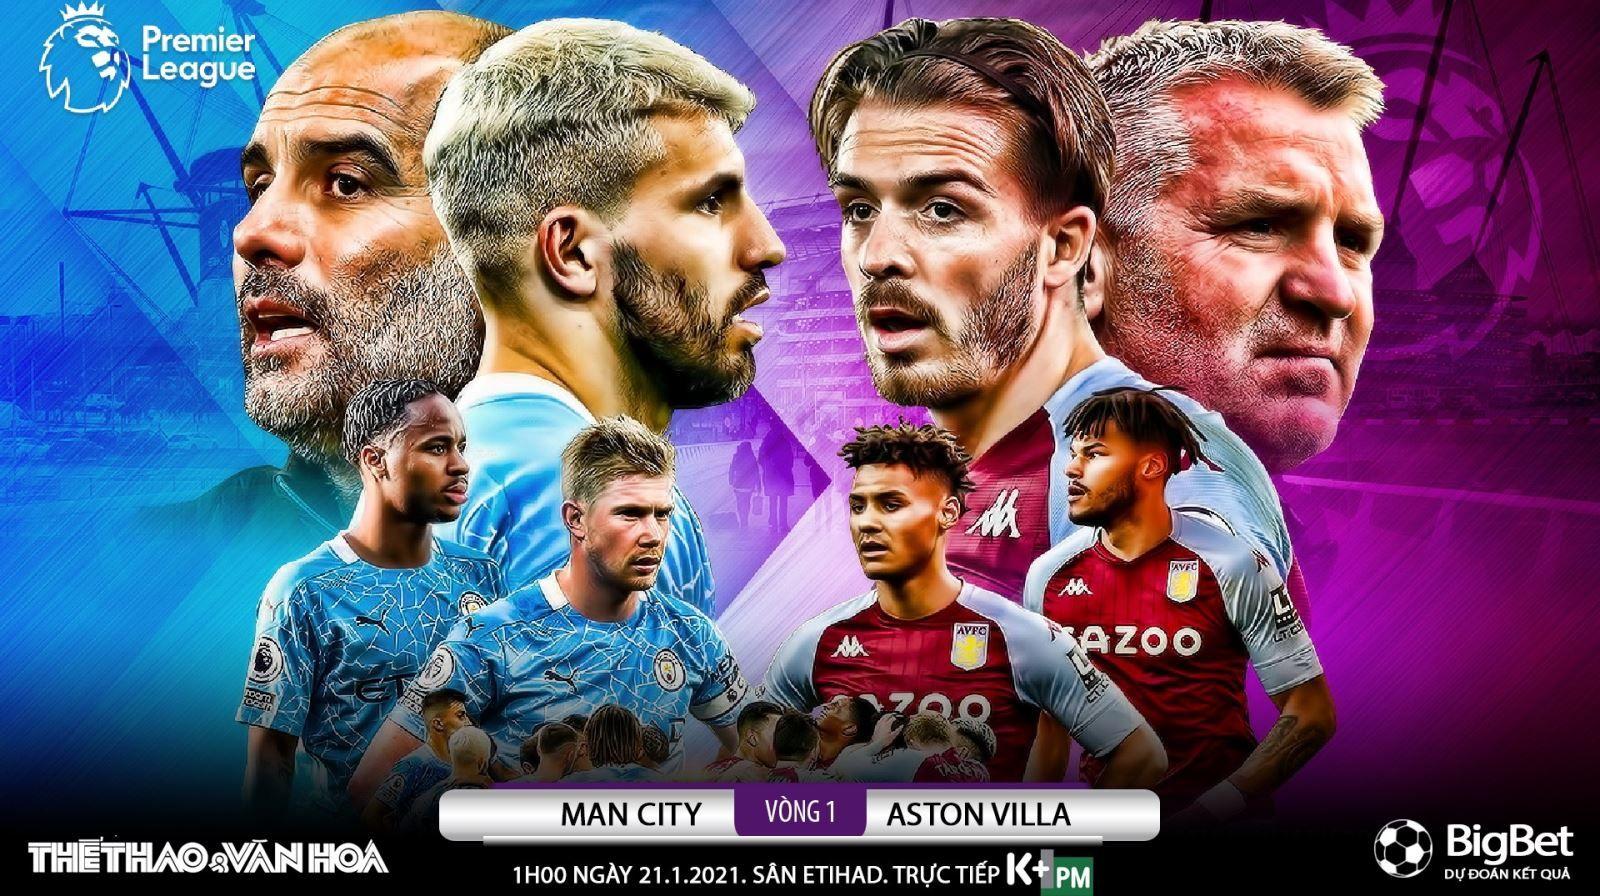 Man City vs Aston Villa – Thống kê, dự đoán tỷ số, đội hình